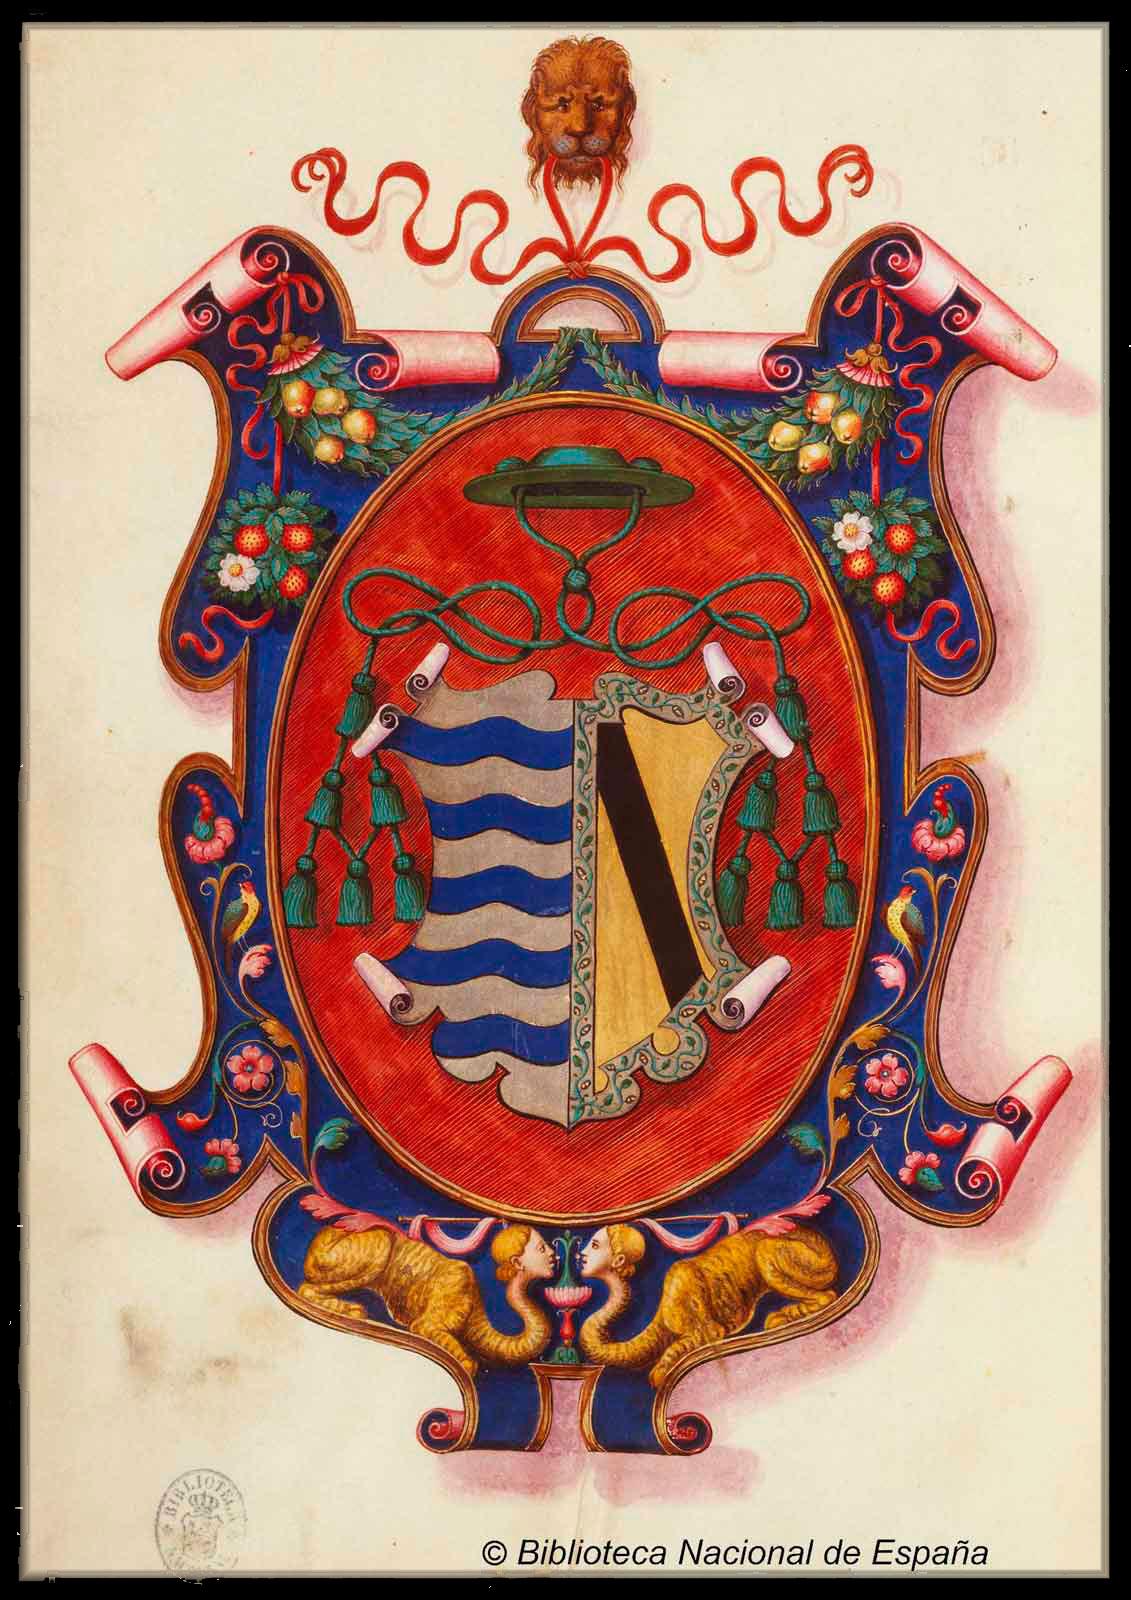 Escudo del Obispo Gutierre de Vargas Carvajal. En la Biblioteca Nacional